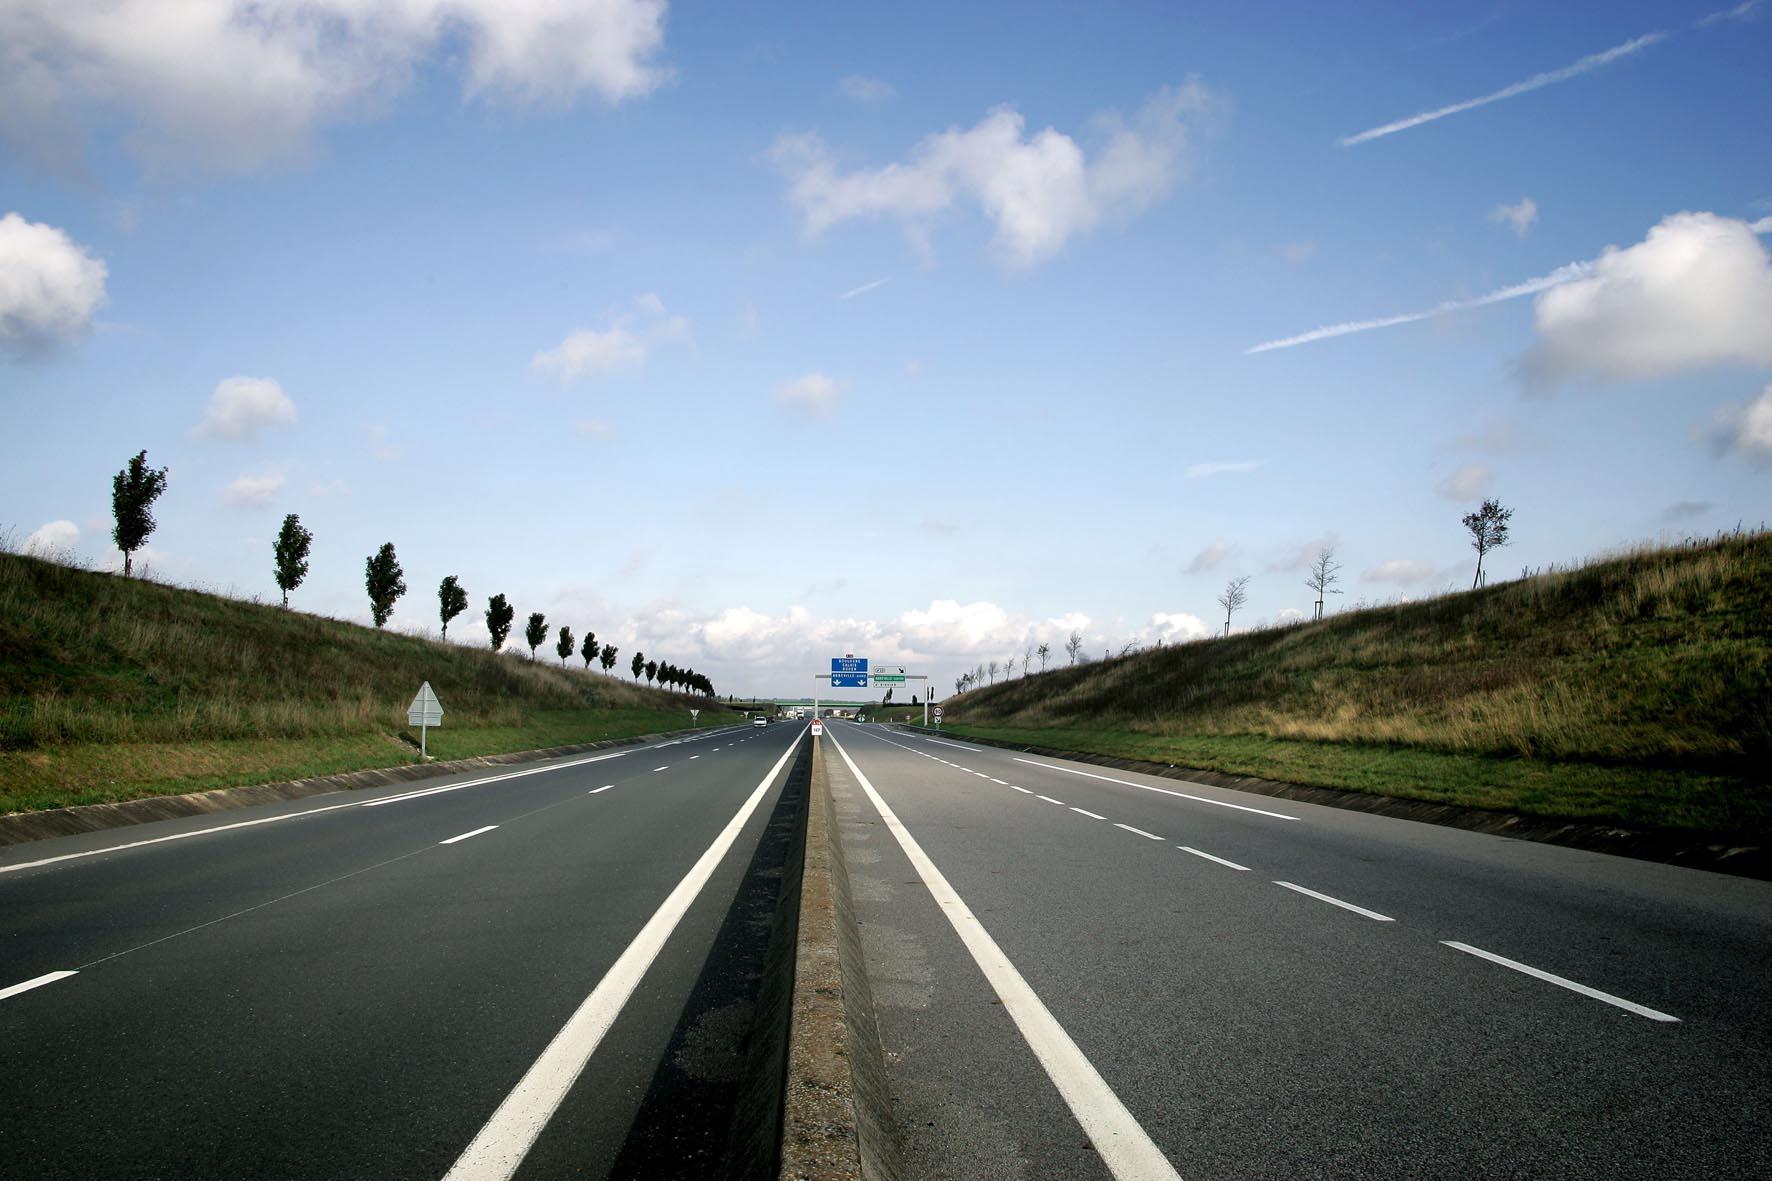 Autoroute A16